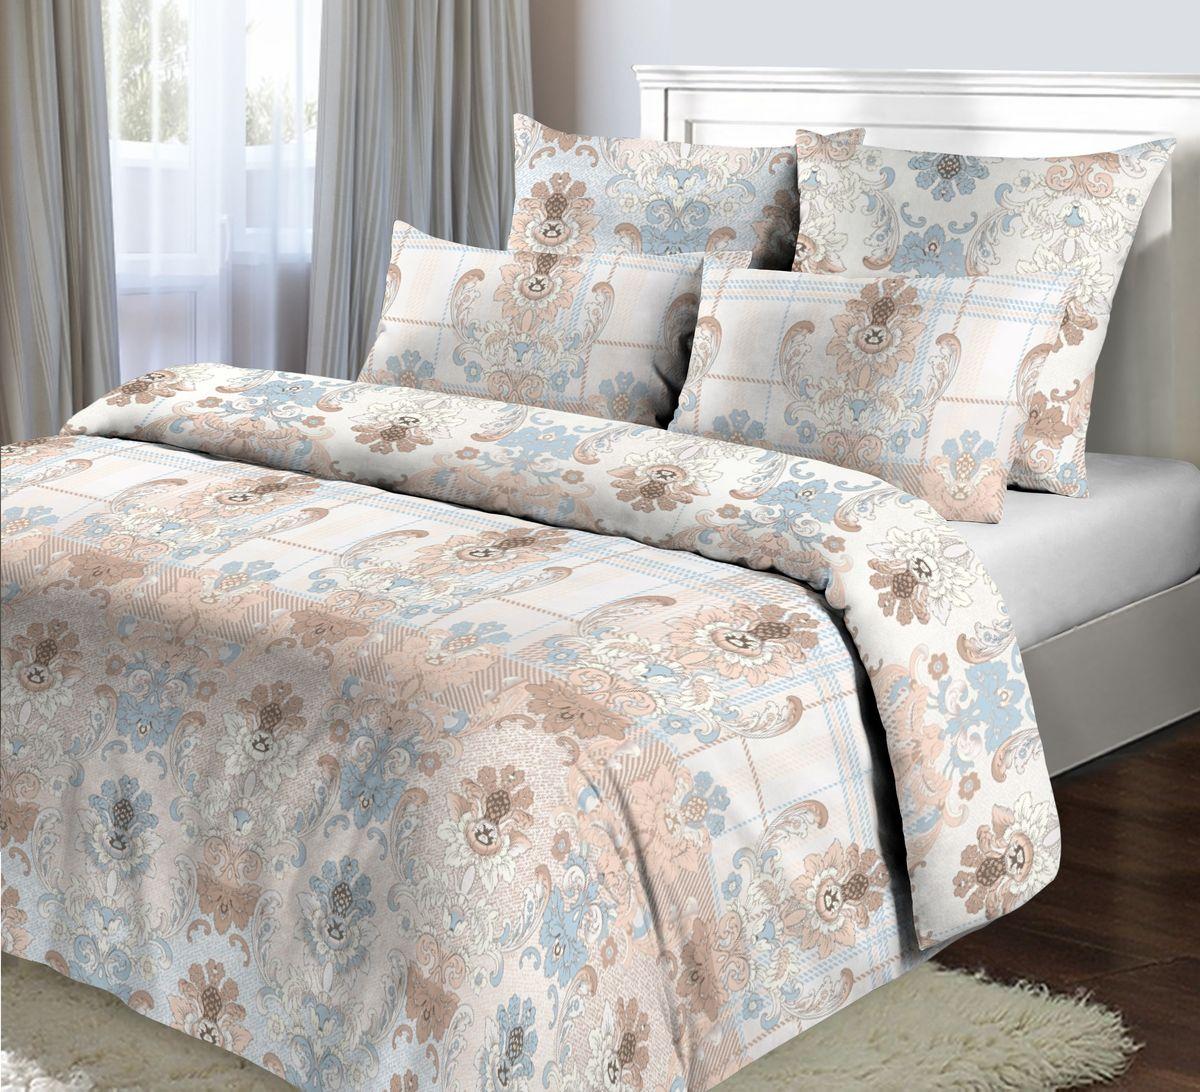 Комплект белья Коллекция Рафаэль, 2,5-спальный, наволочки 70х70ОБК-2,5/70 4281.4